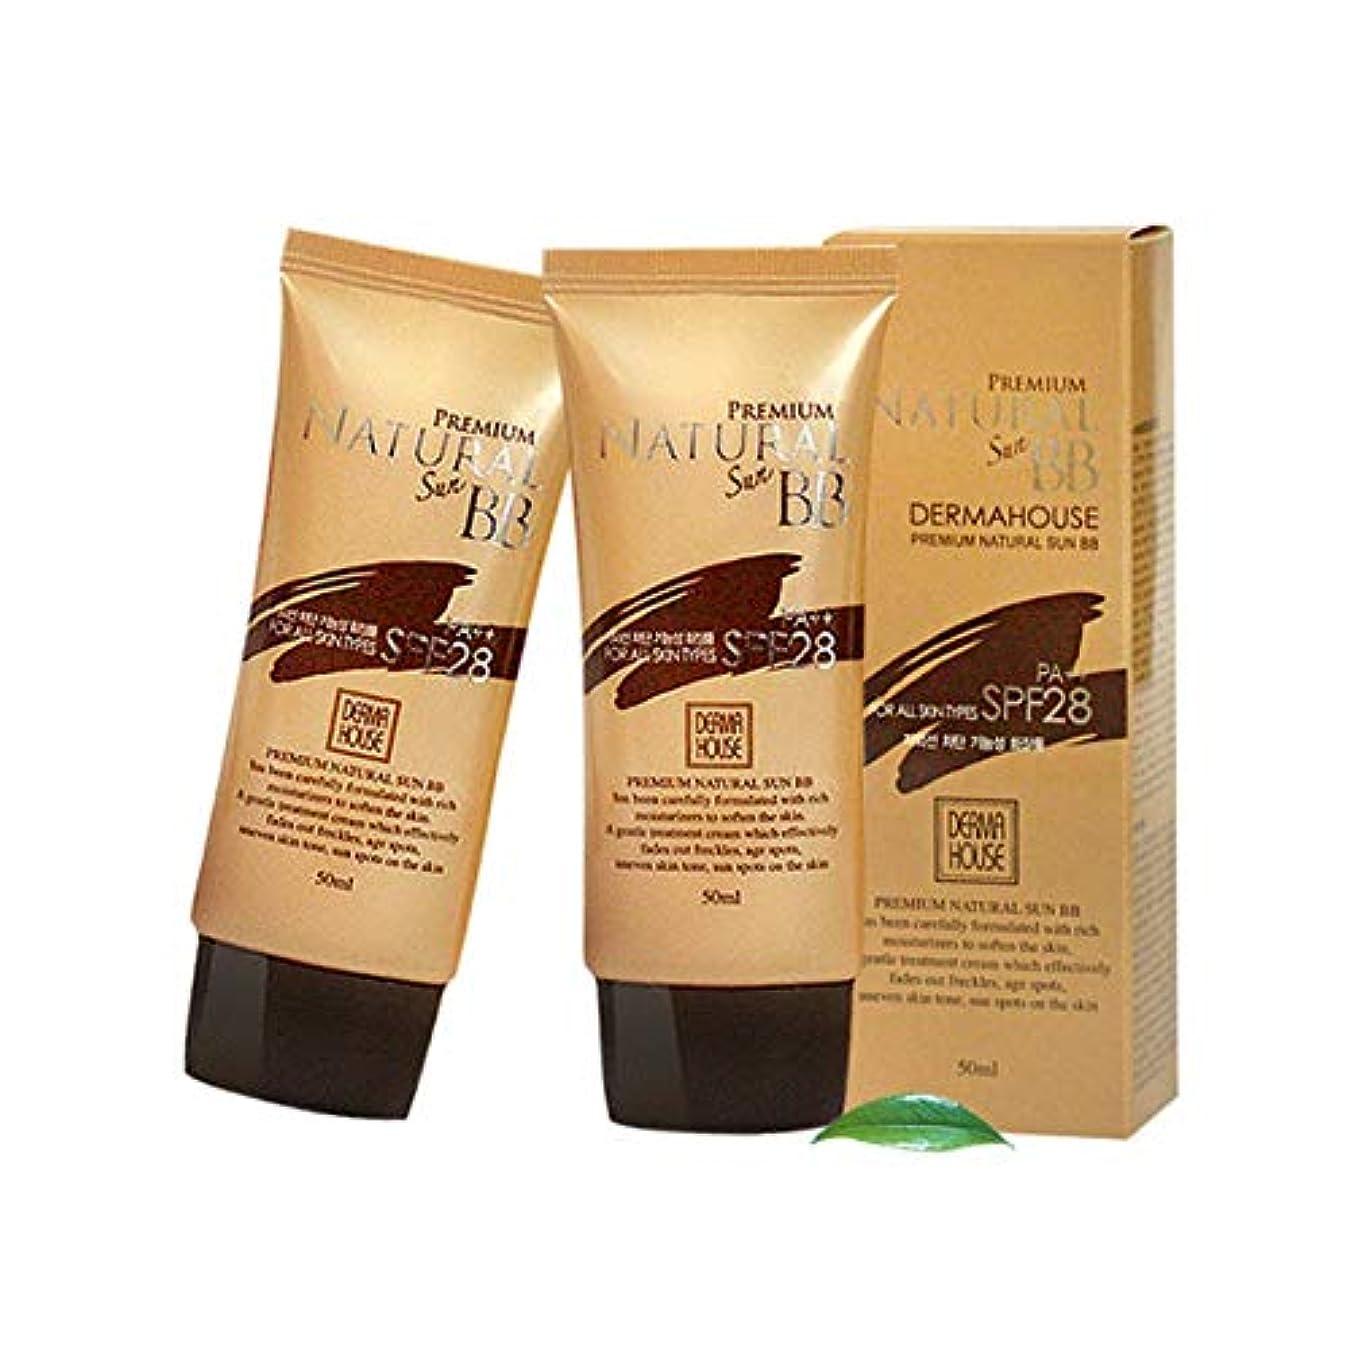 強い上向き原理ダーマハウスプレミアムナチュラルサンBBクリーム 50mlx2本セット韓国コスメ、Derma House Premium Natural Sun BB Cream 50ml x 2ea Set Korean Cosmetics...